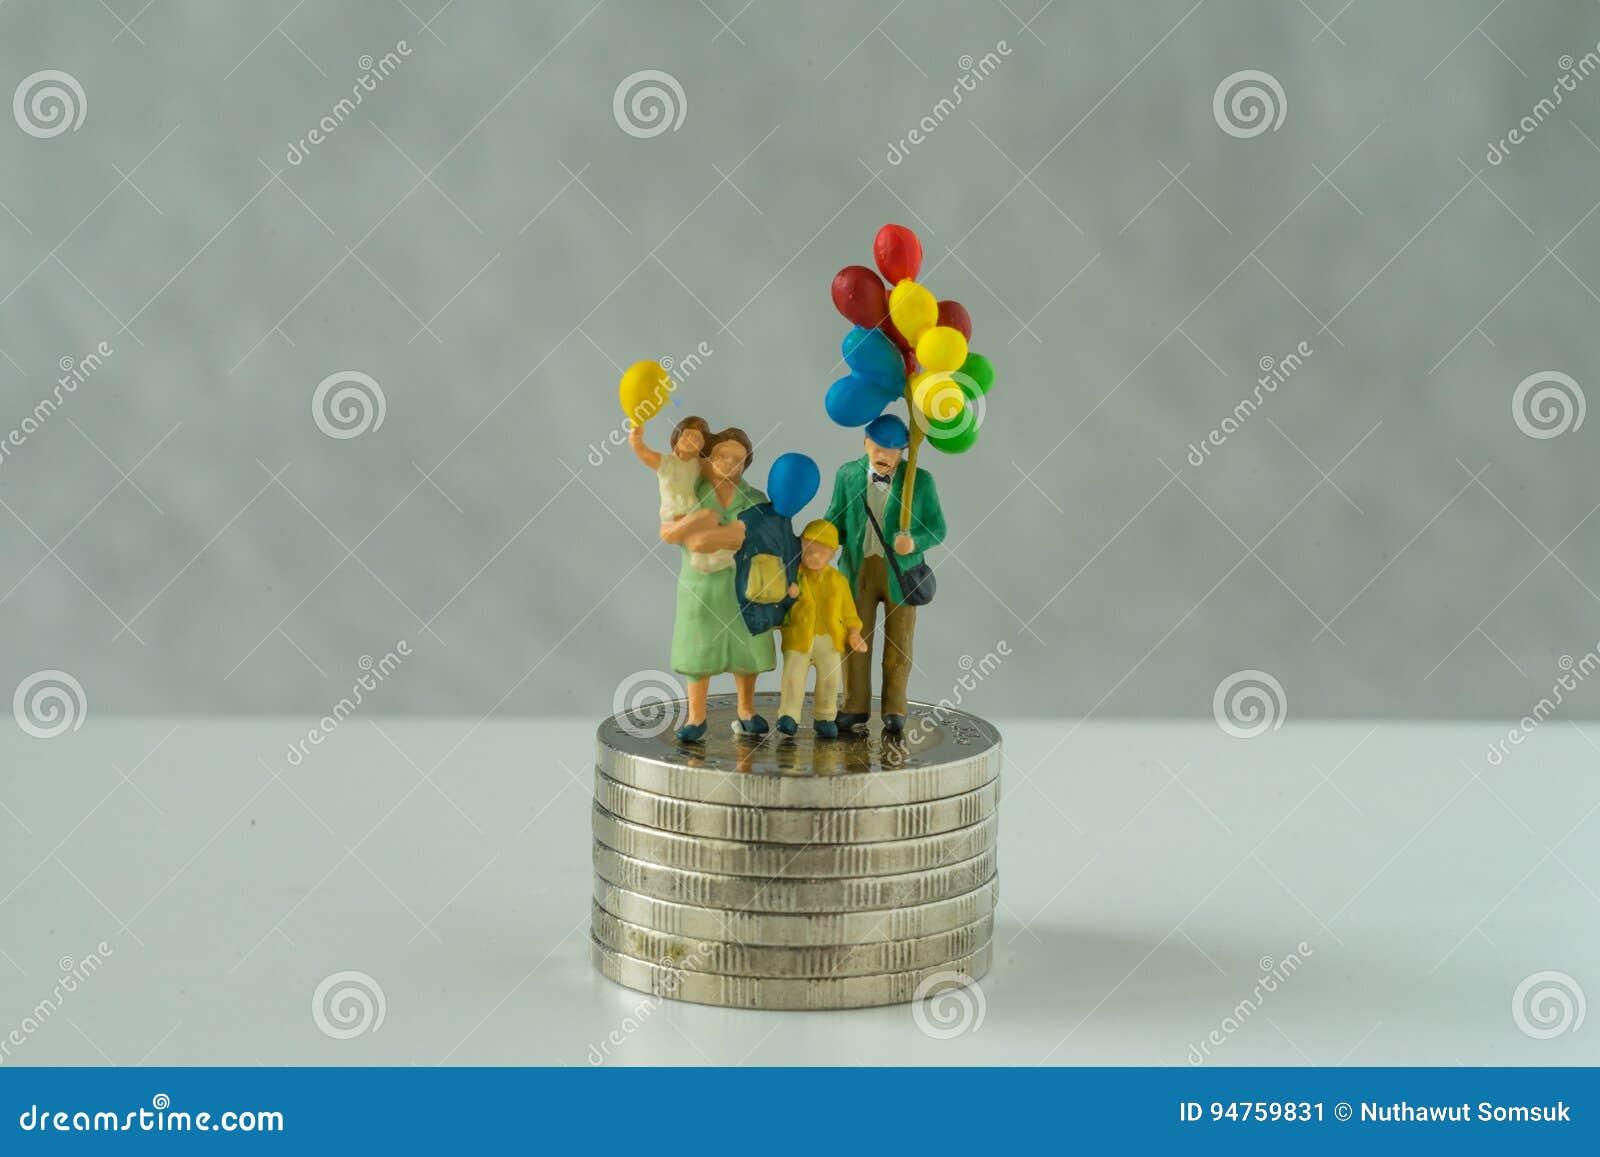 Miniatuurmensen, de ballon van de familieholding zich op stapel muntstukken als financiële zaken bevinden of gelukkig pensionerin